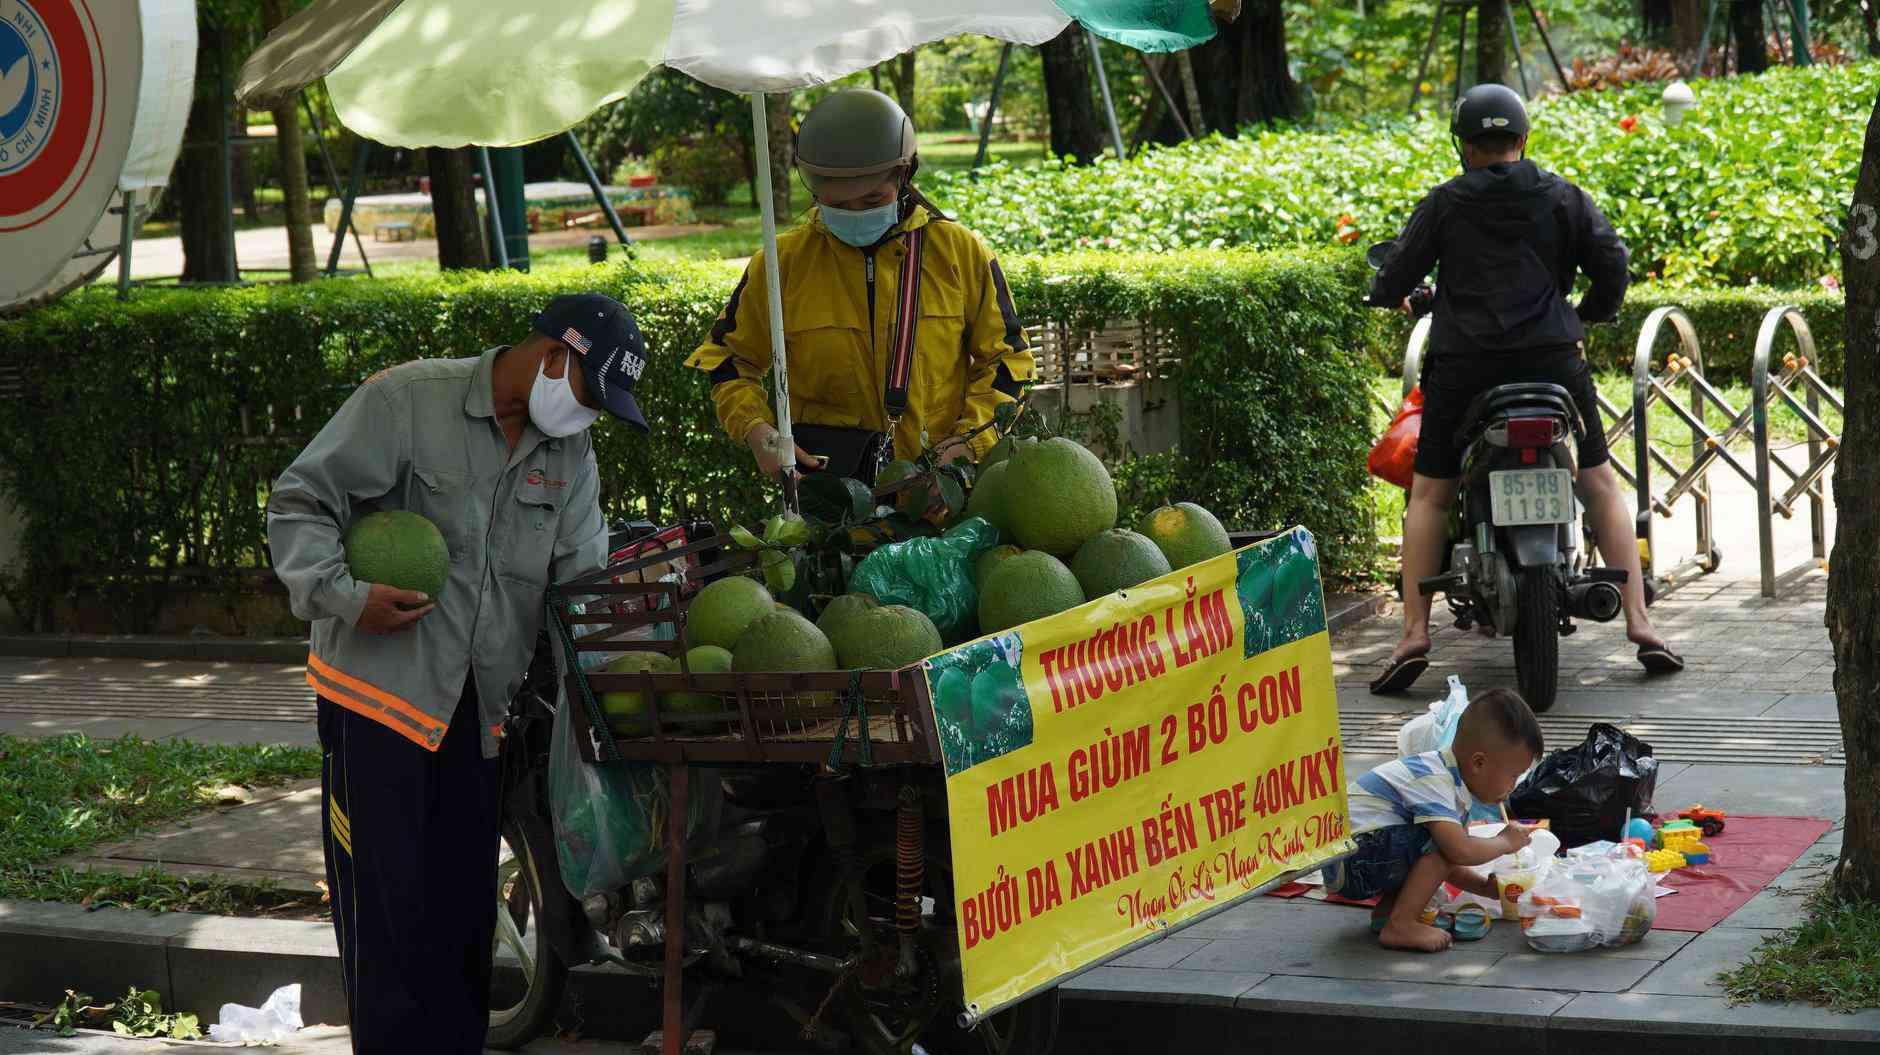 Trăm người mua ủng hộ 2 bố con bán hoa quả với tấm biển độc đáo ở vỉa hè SG - 3